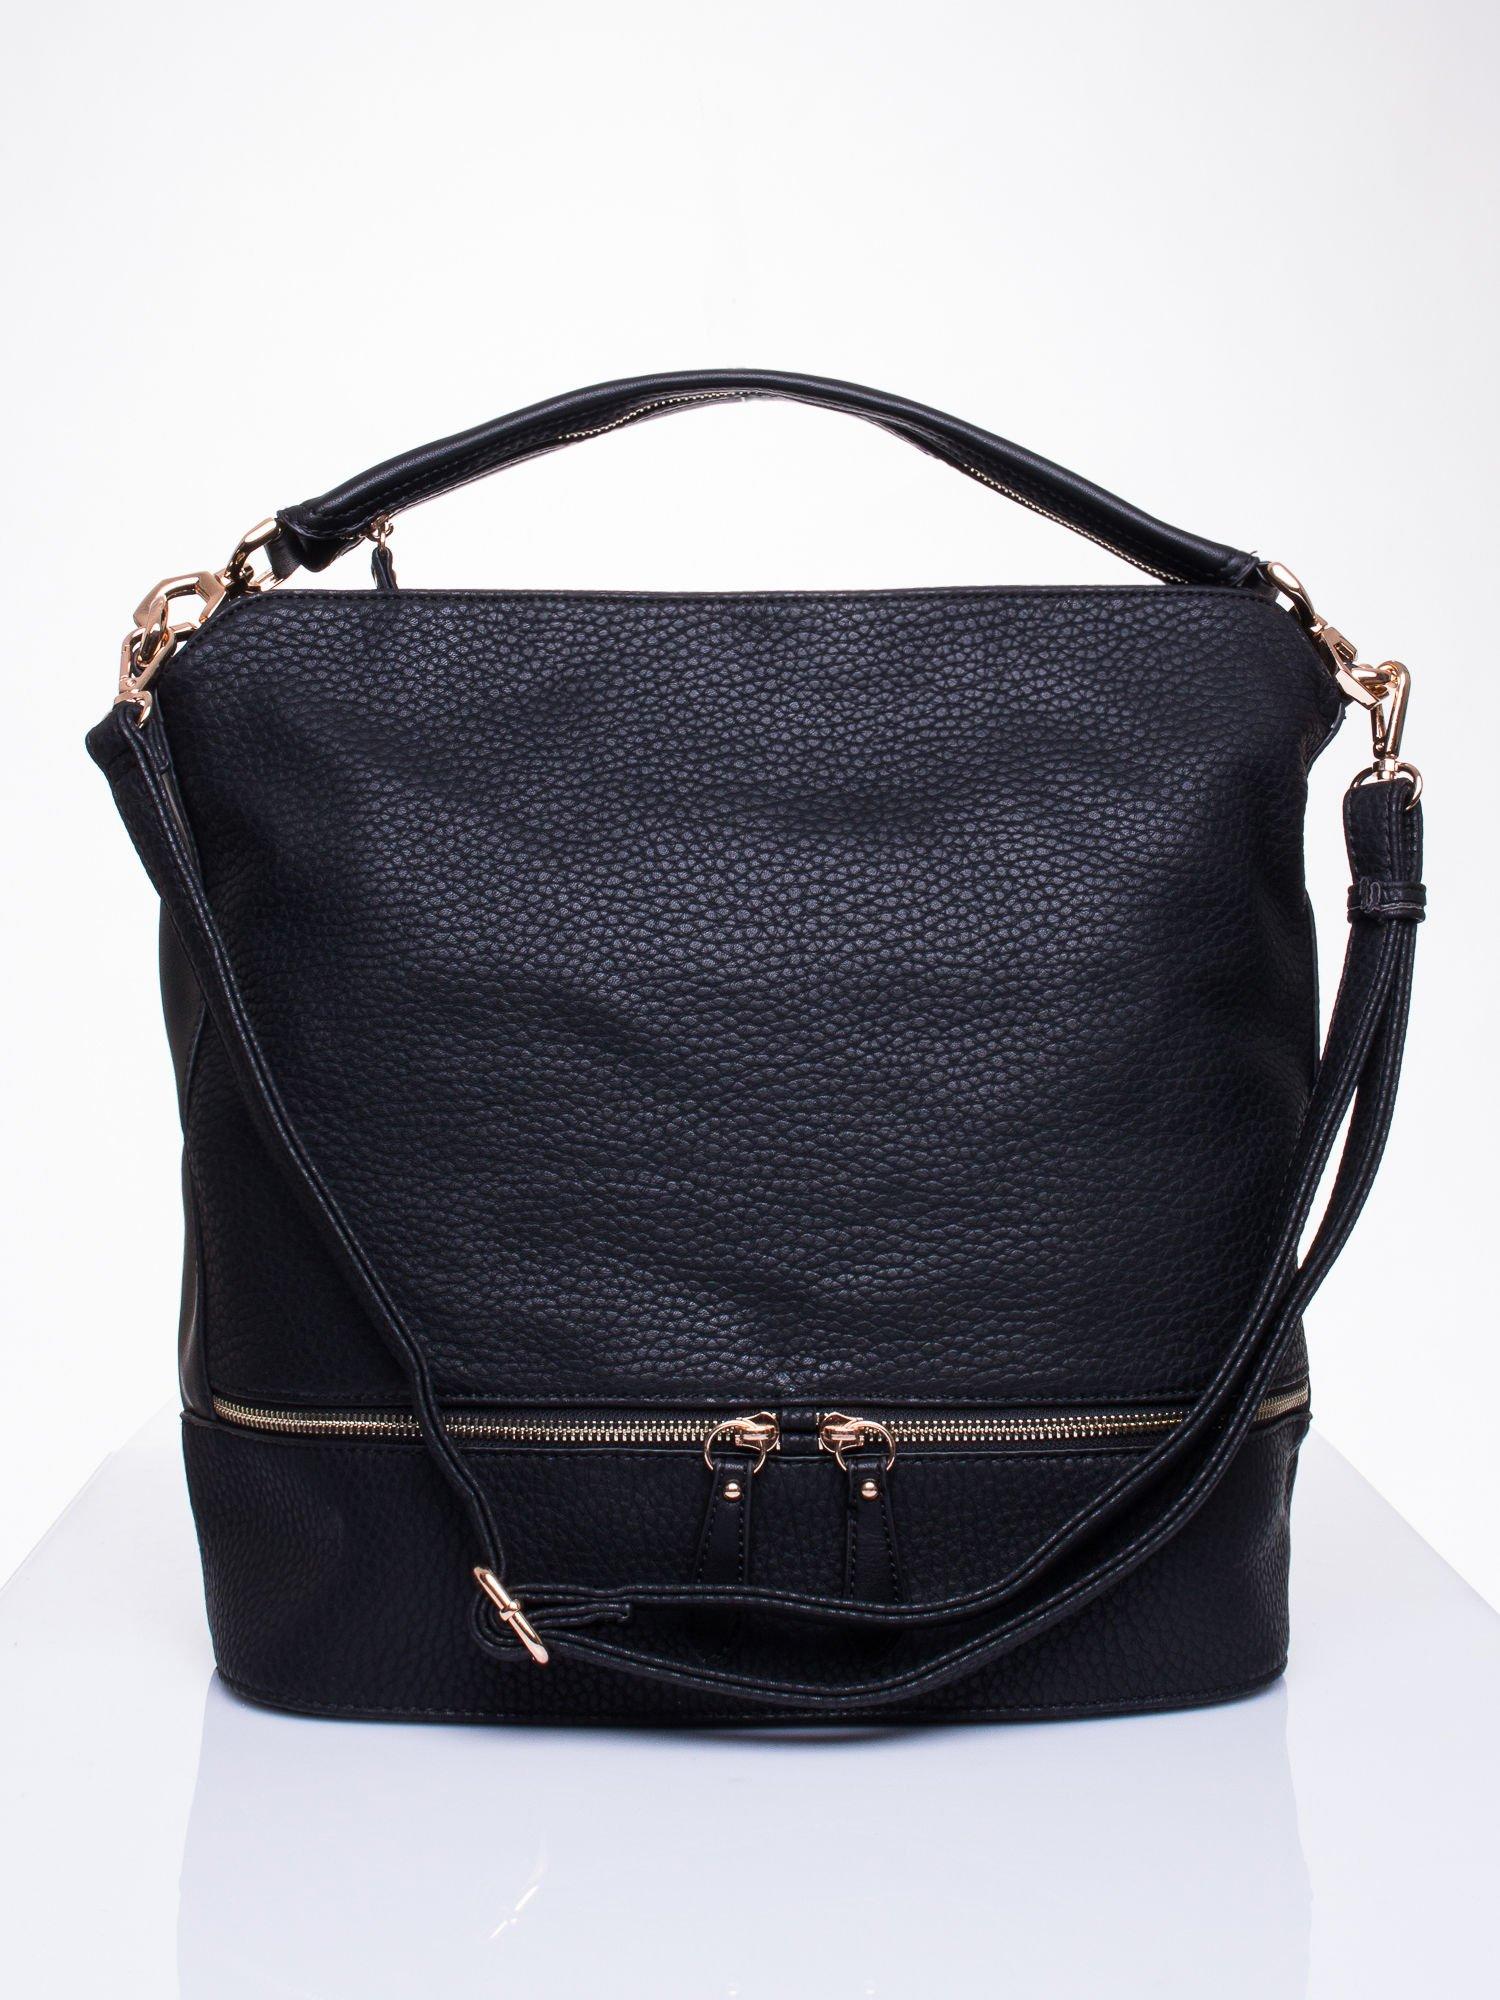 5340bcc93c513 Czarna torba na ramię z ozdobnymi suwakami - Akcesoria torba - sklep  eButik.pl